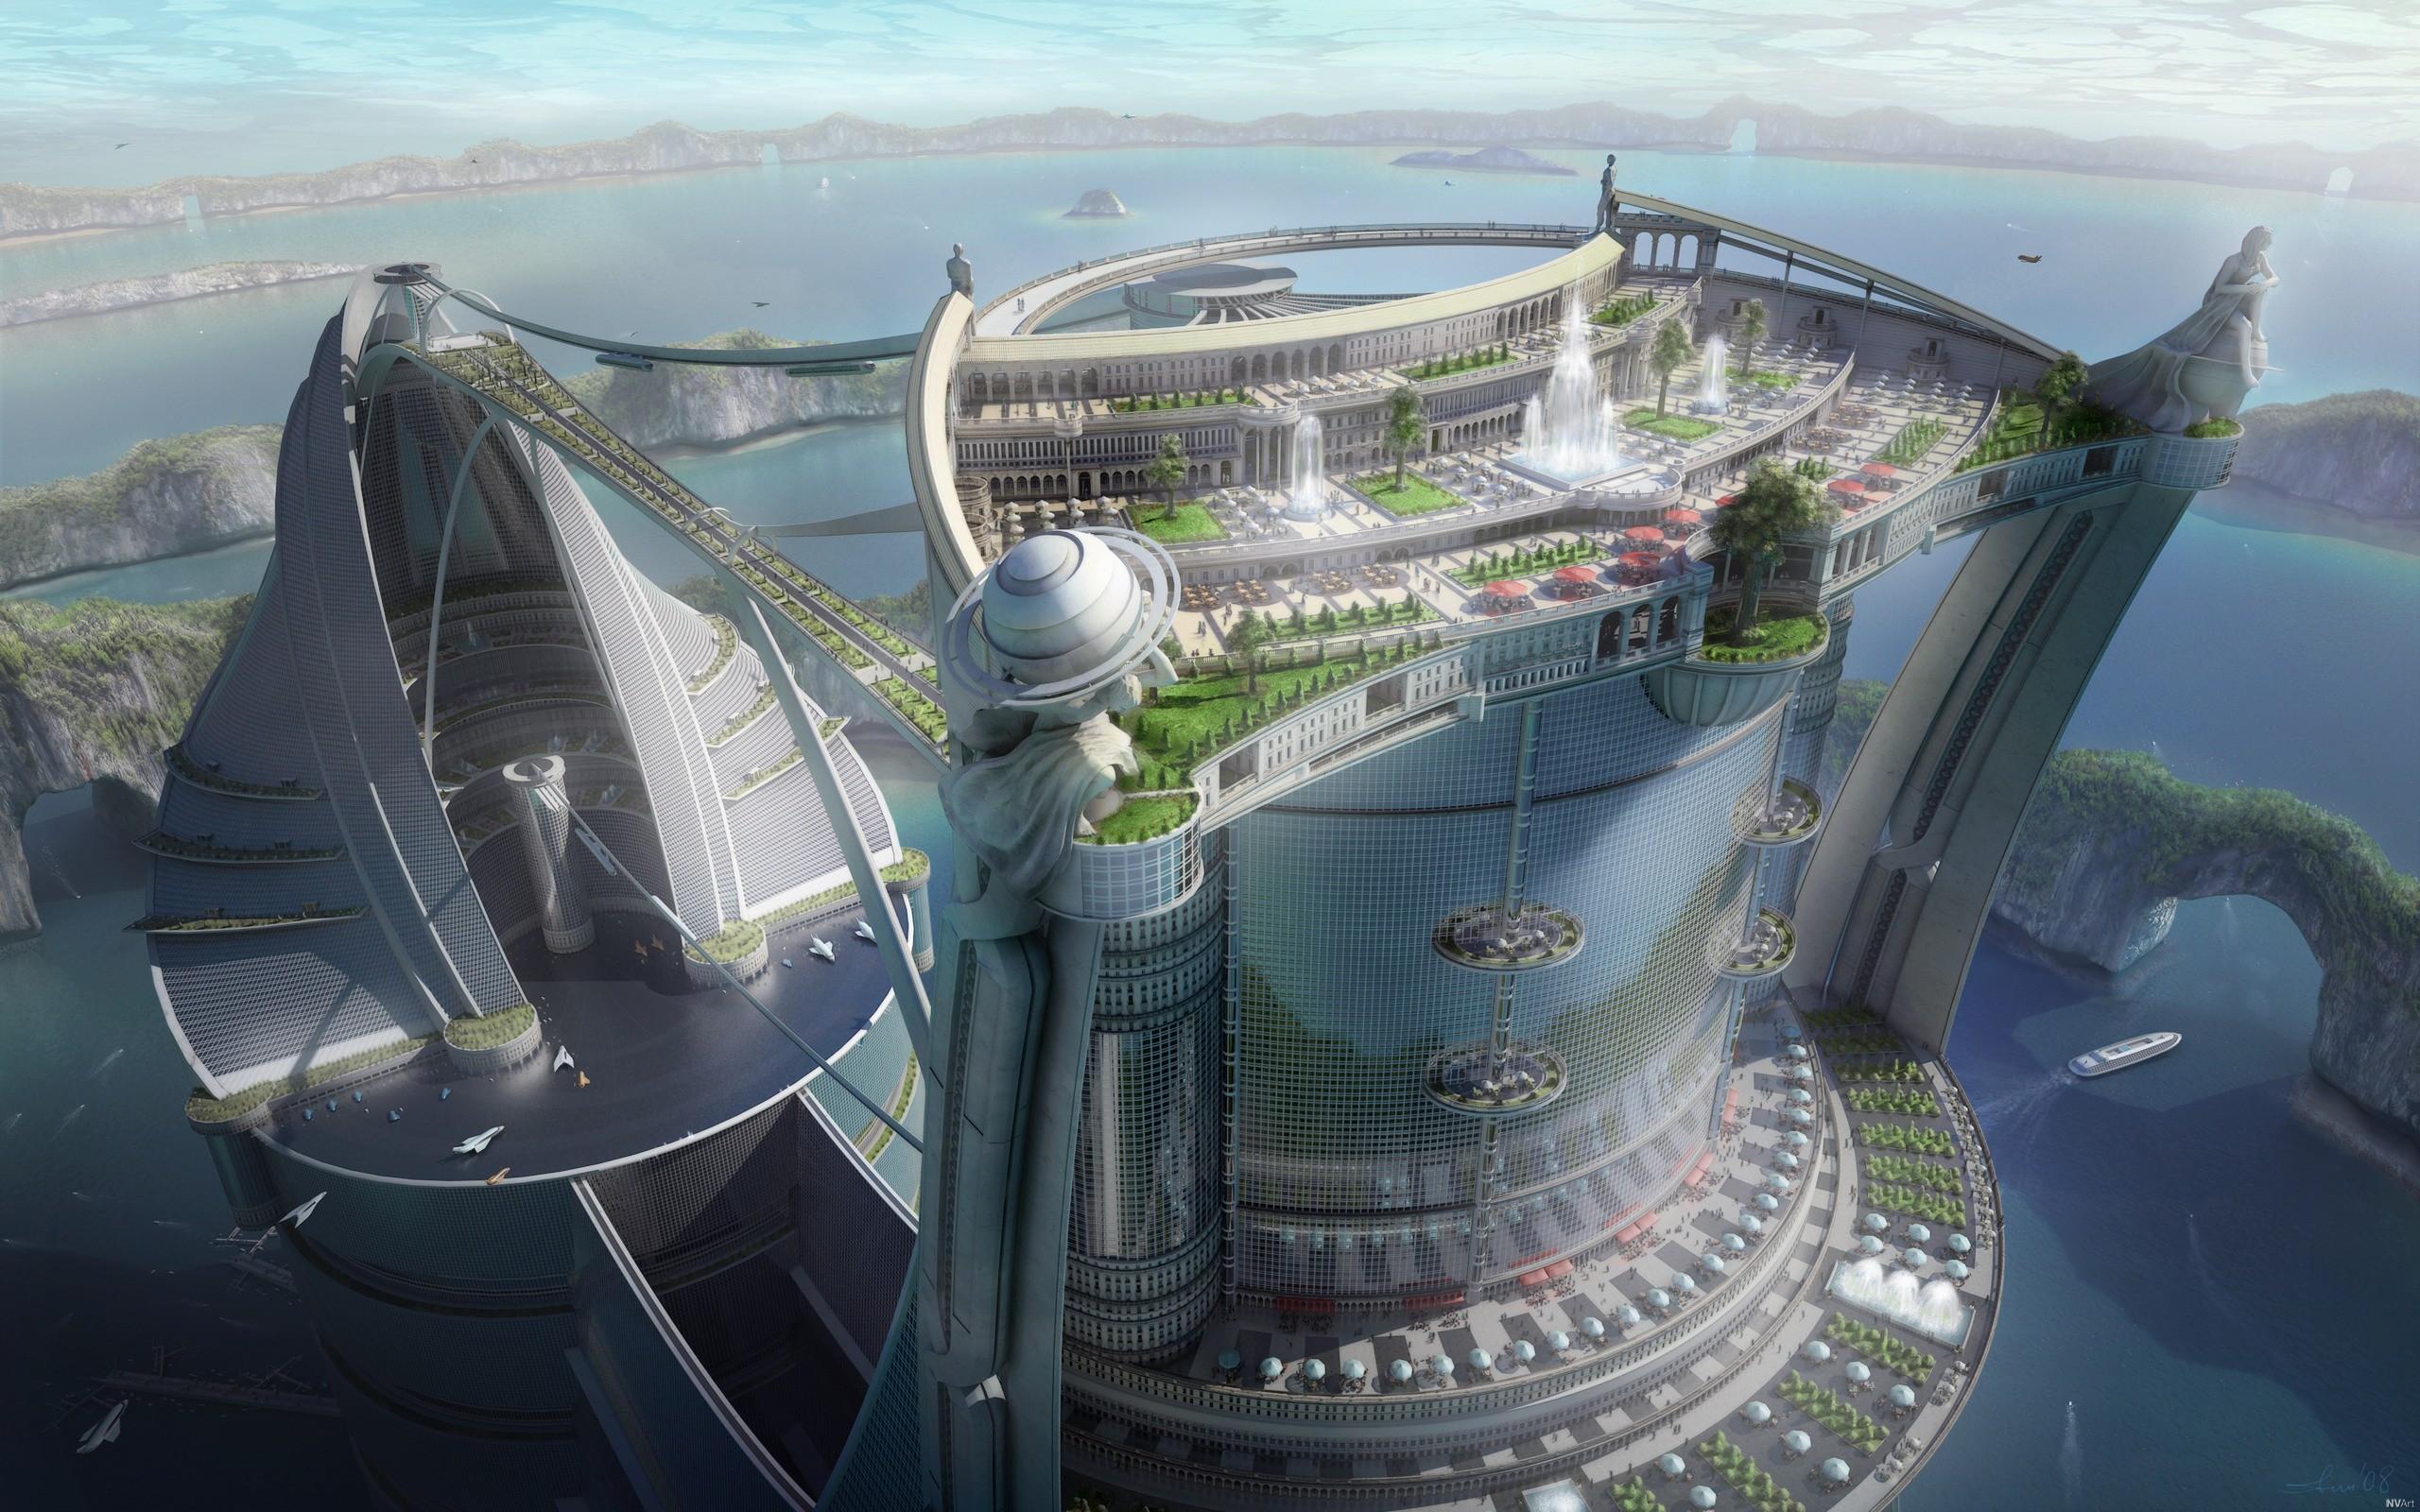 General 2560x1600 futuristic city science fiction futuristic cityscape